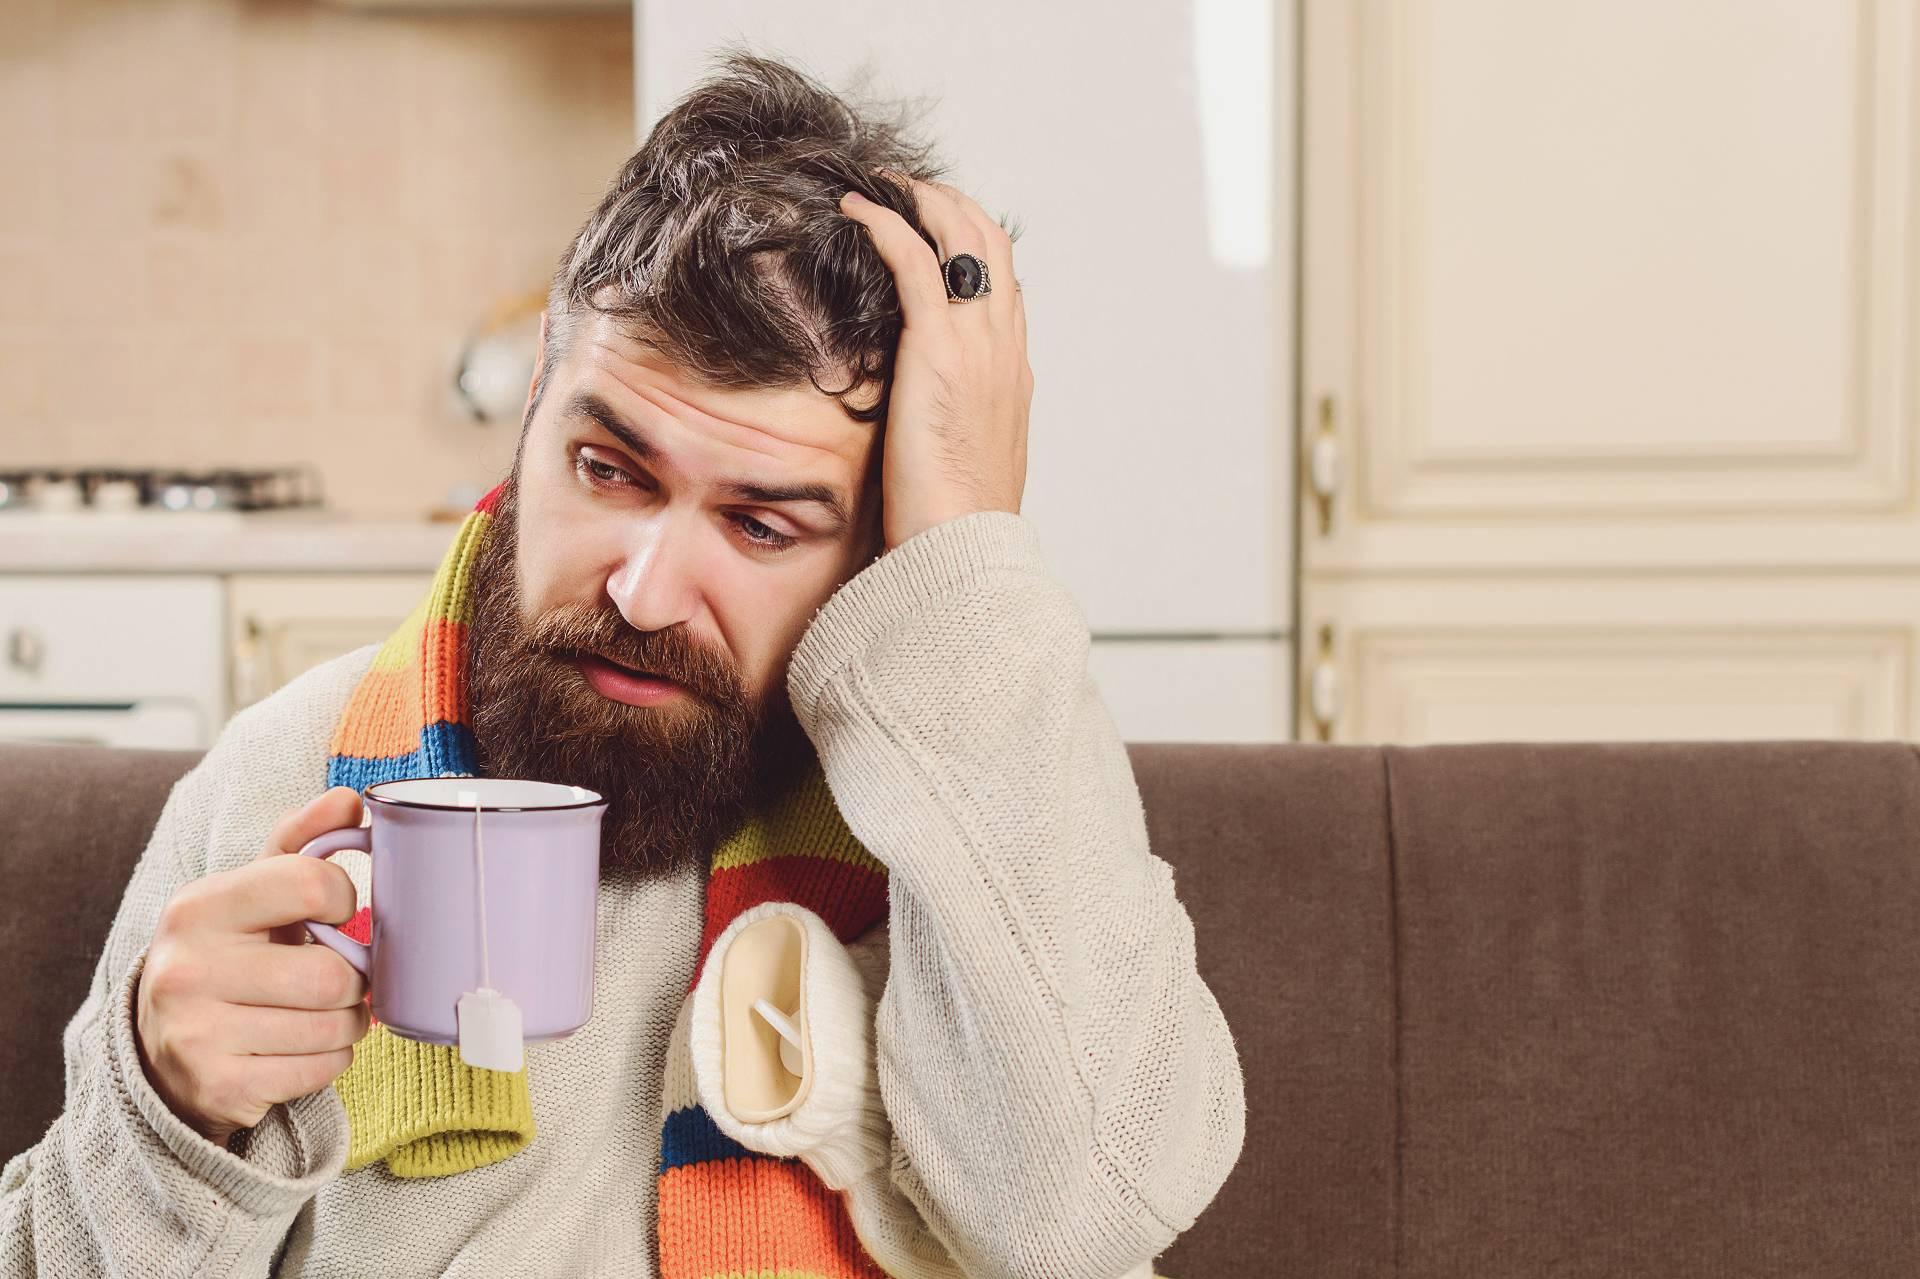 Solltest du die Zinkzufuhr bei Erkältung & grippalen Infekten erhöhen?